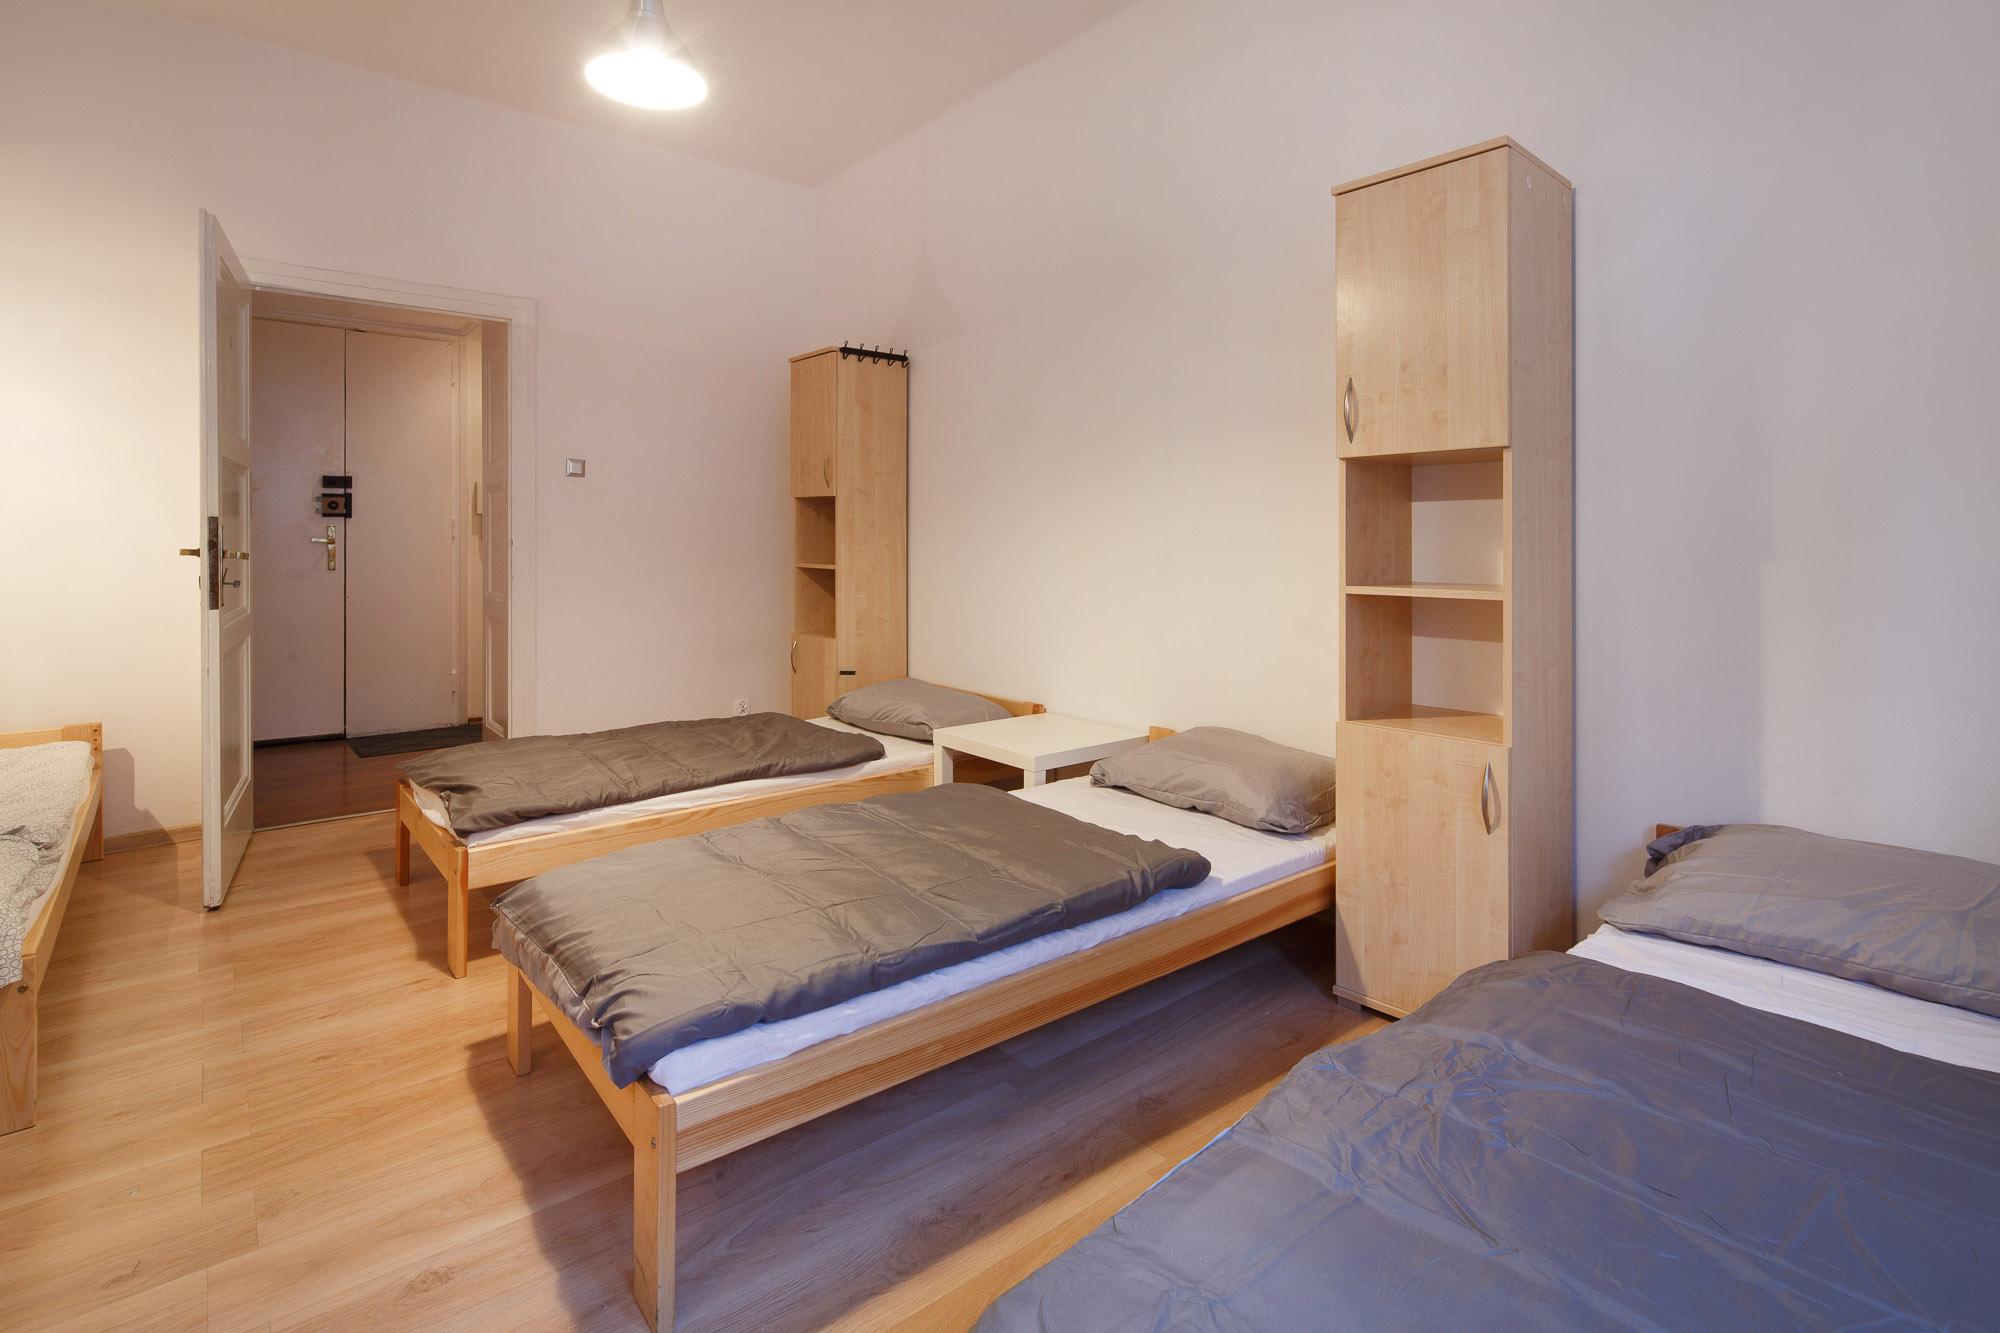 Mieszkanie do wynajęcia Chorzów - Jak bezpiecznie i tanio wynająć kwaterę dla pracowników?